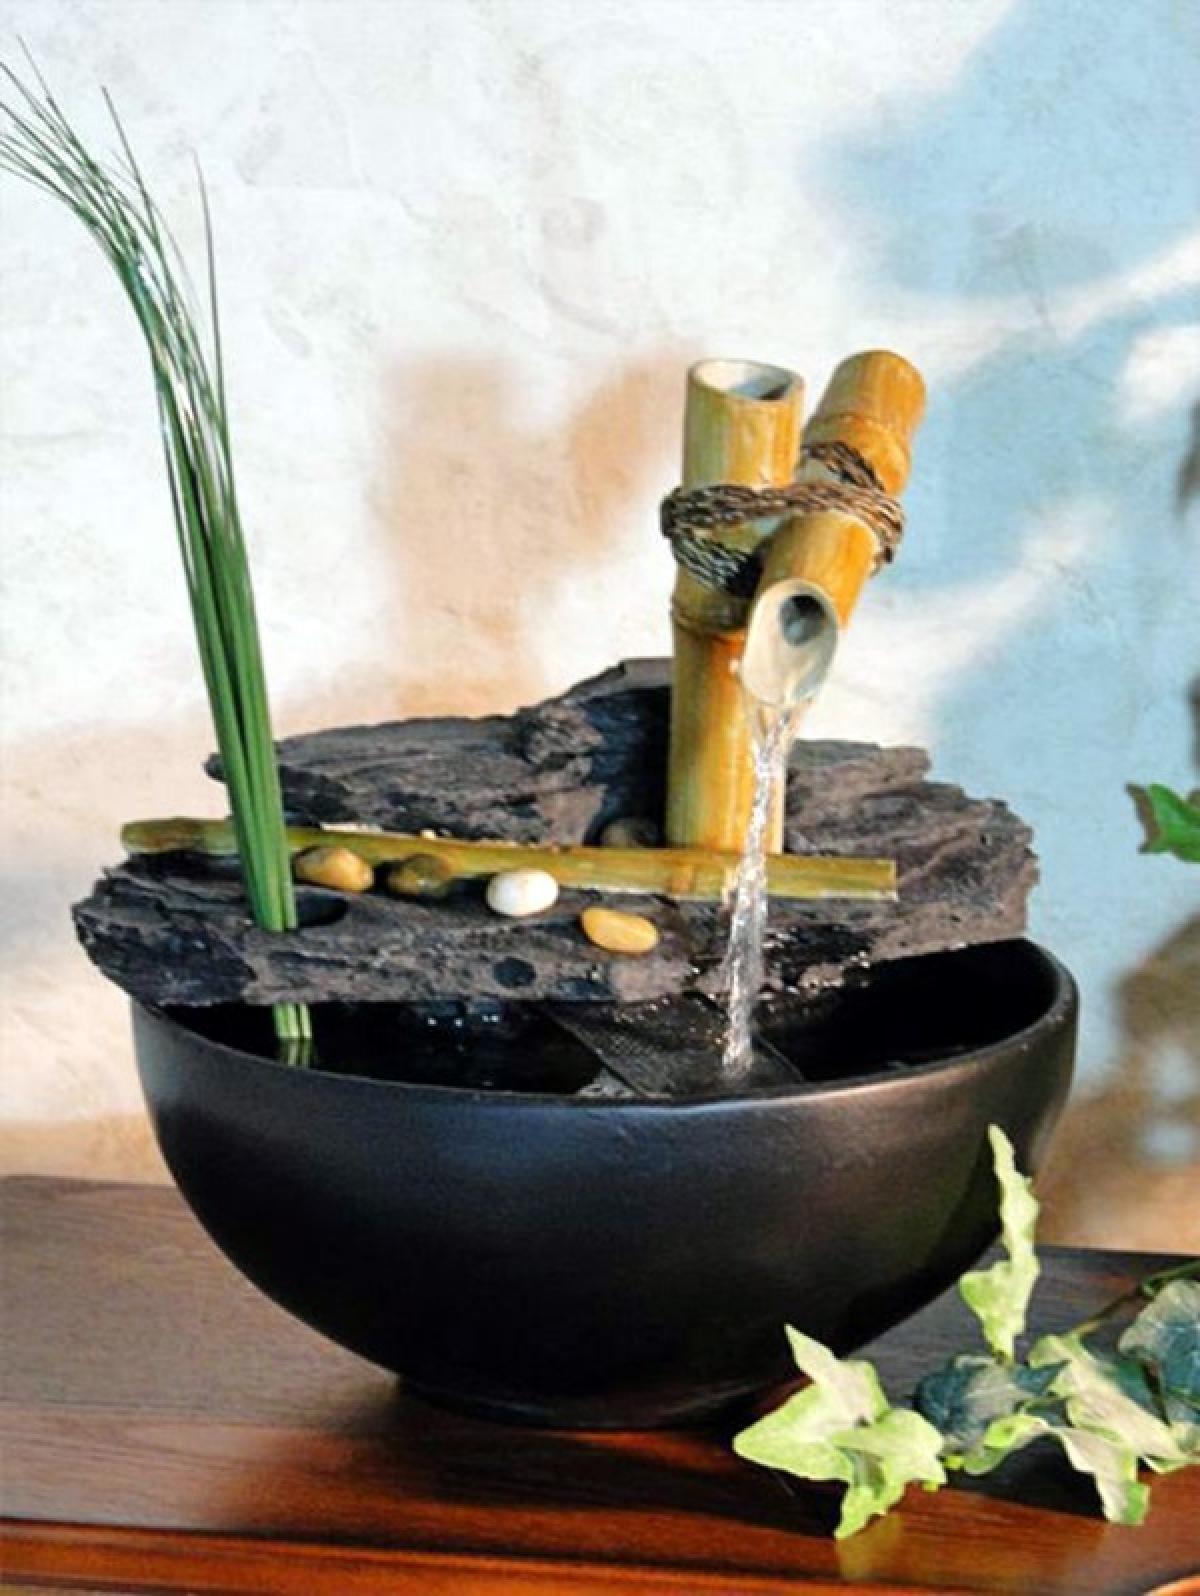 Dùng ống tre để dẫn nước không phải là ý tưởng mới, nhưng sử dụng nó để trang trí trong nhà thì rất ít người có thể nghĩ ra.